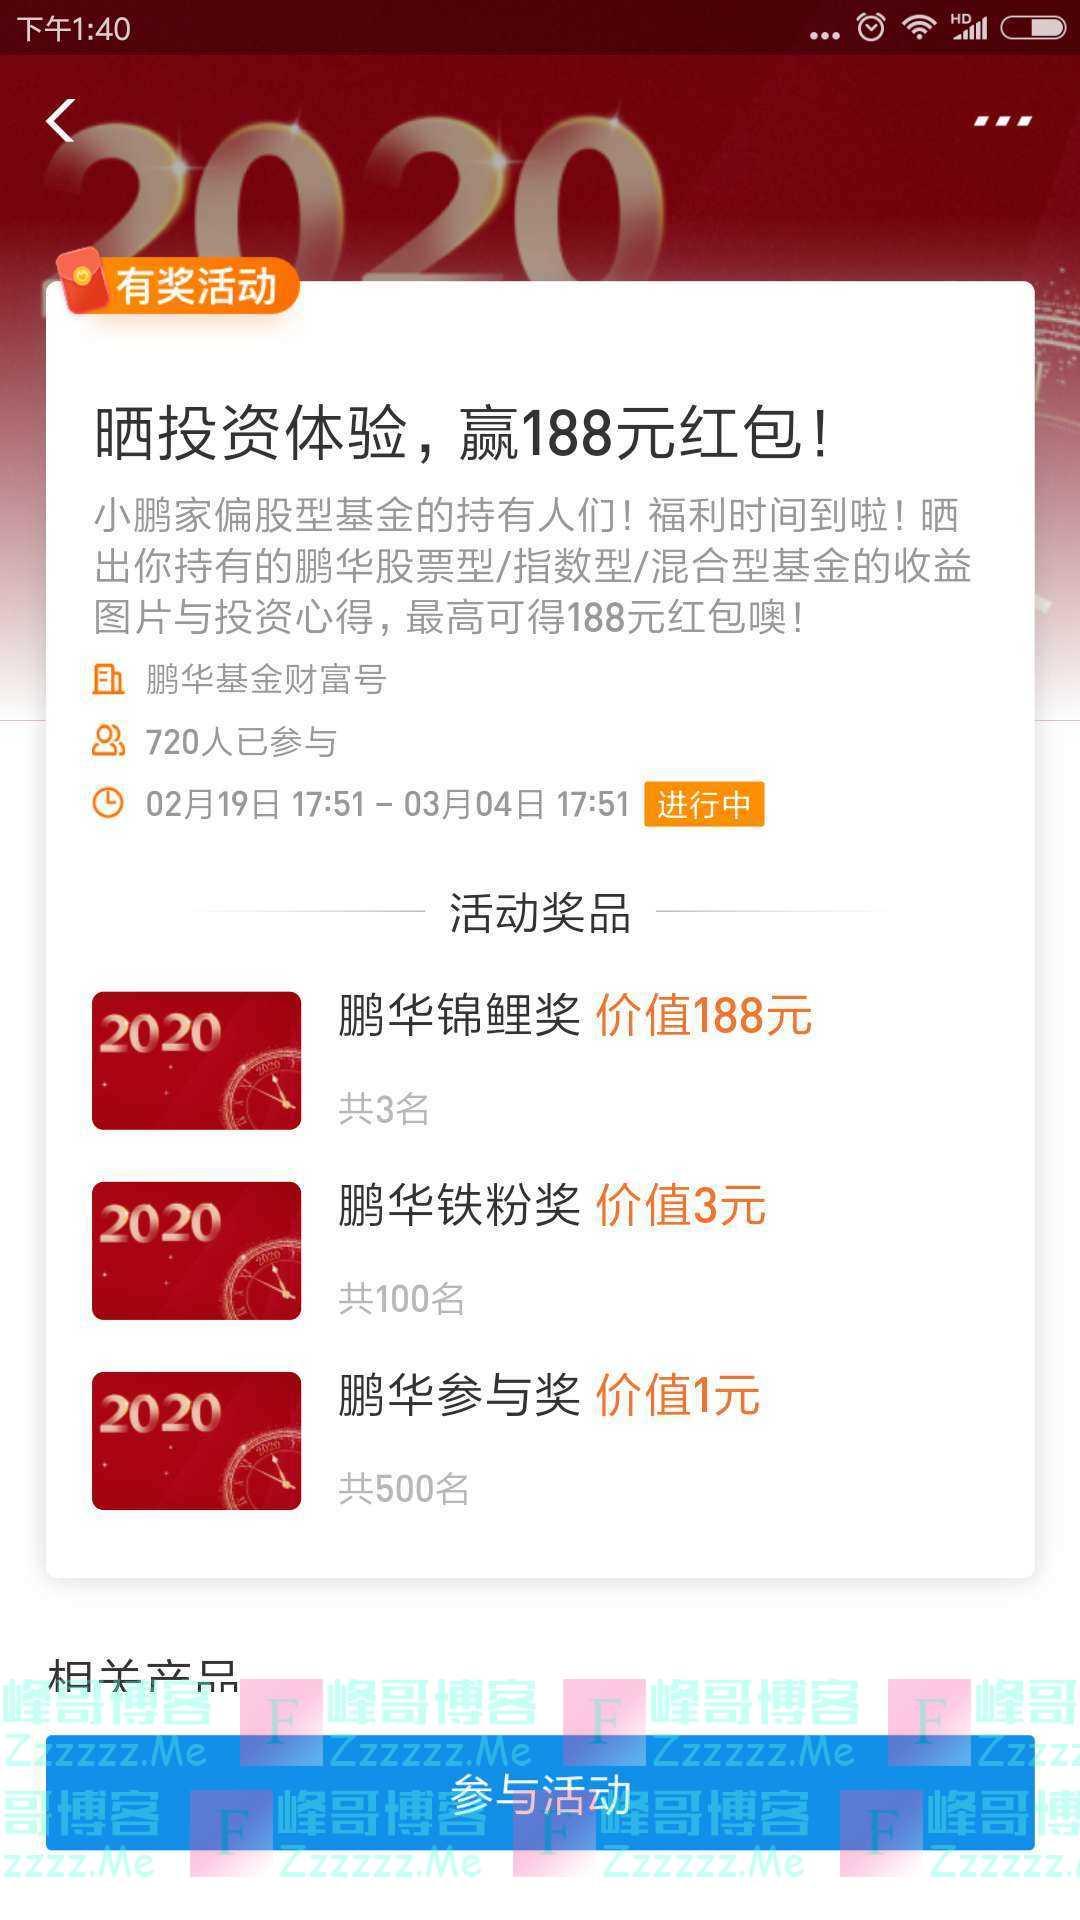 鹏华基金晒投资体验 赢188元红包(截止3月4日)